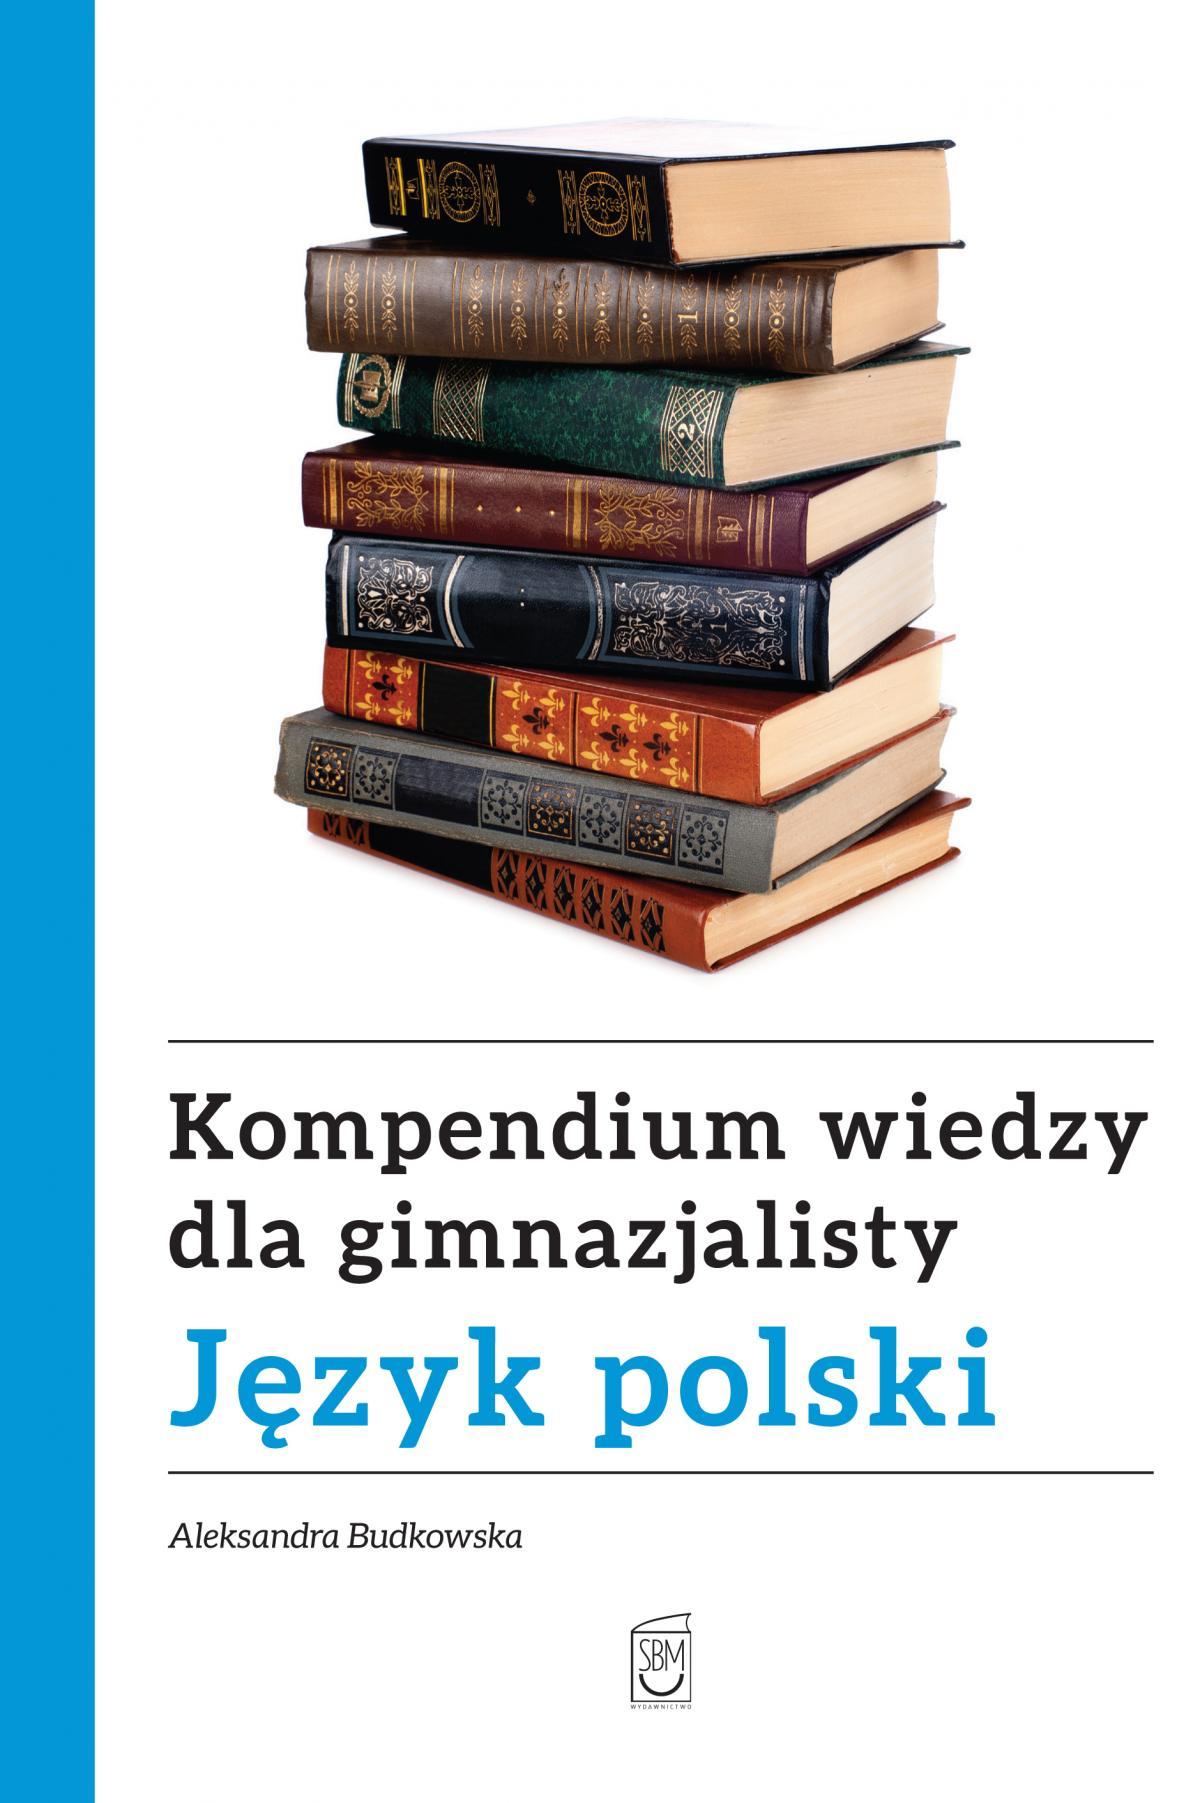 Kompendium wiedzy gimnazjalisty. Język polski - Ebook (Książka PDF) do pobrania w formacie PDF